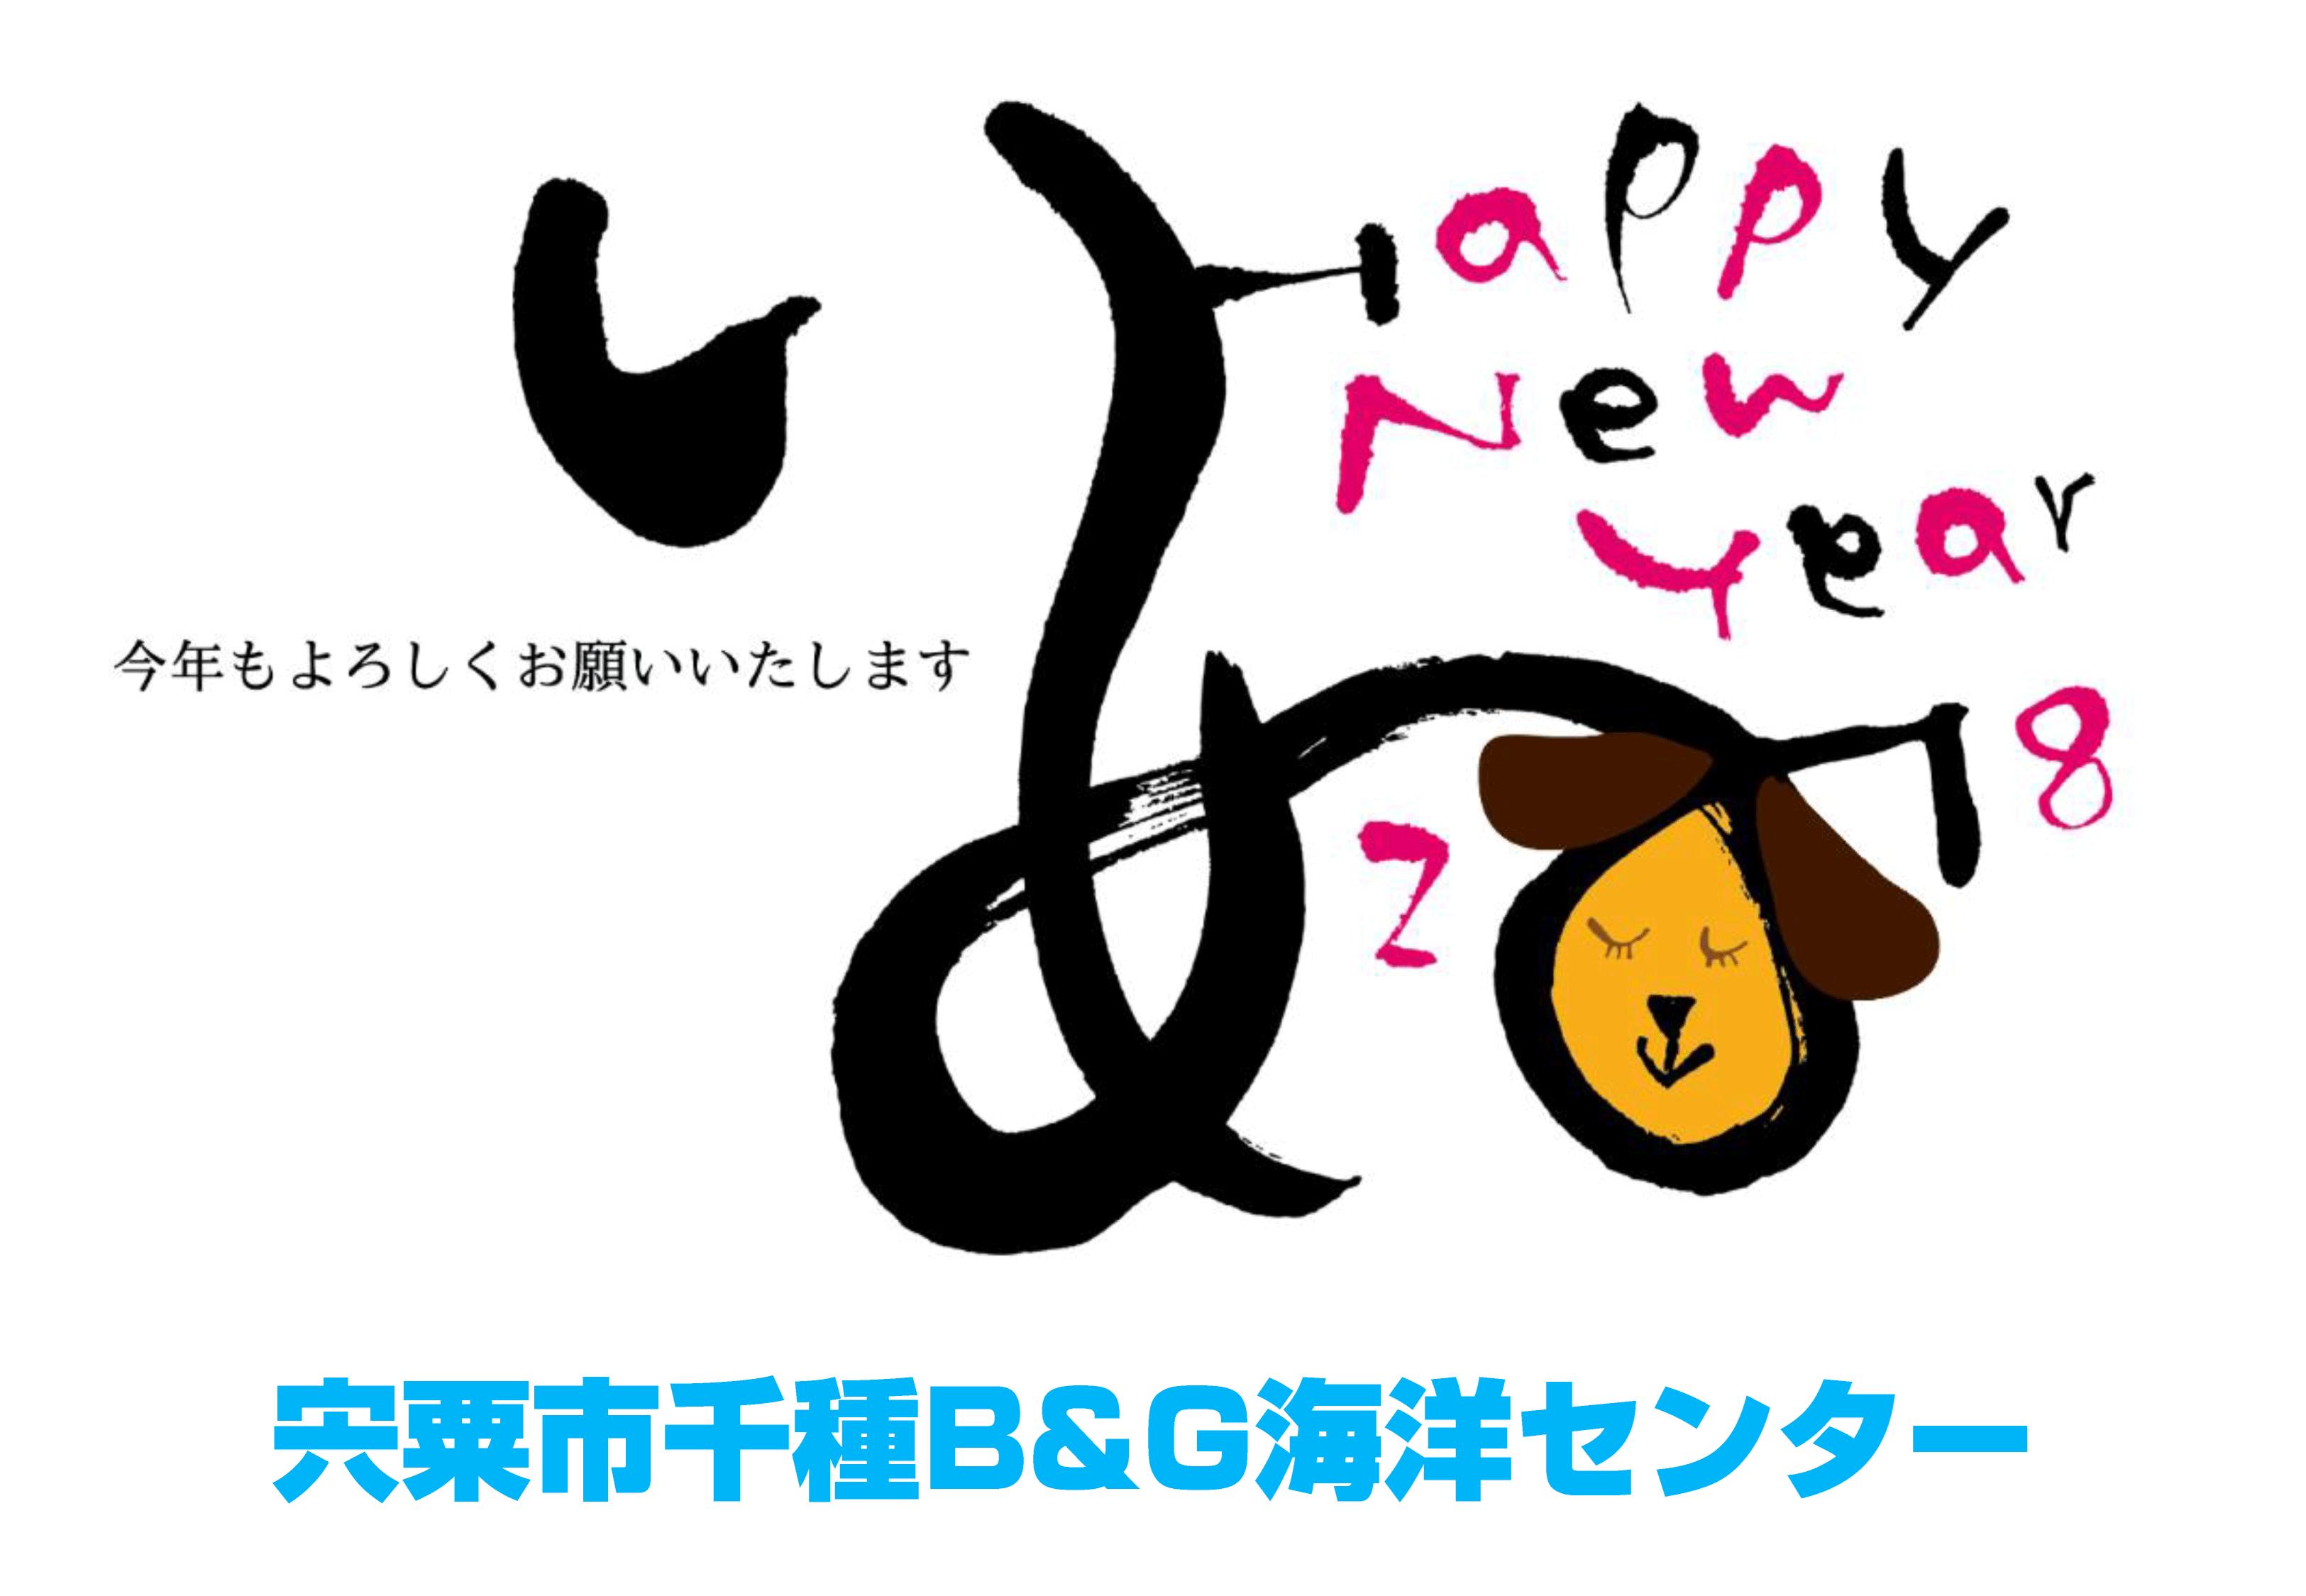 宍粟市_新年のご挨拶.png